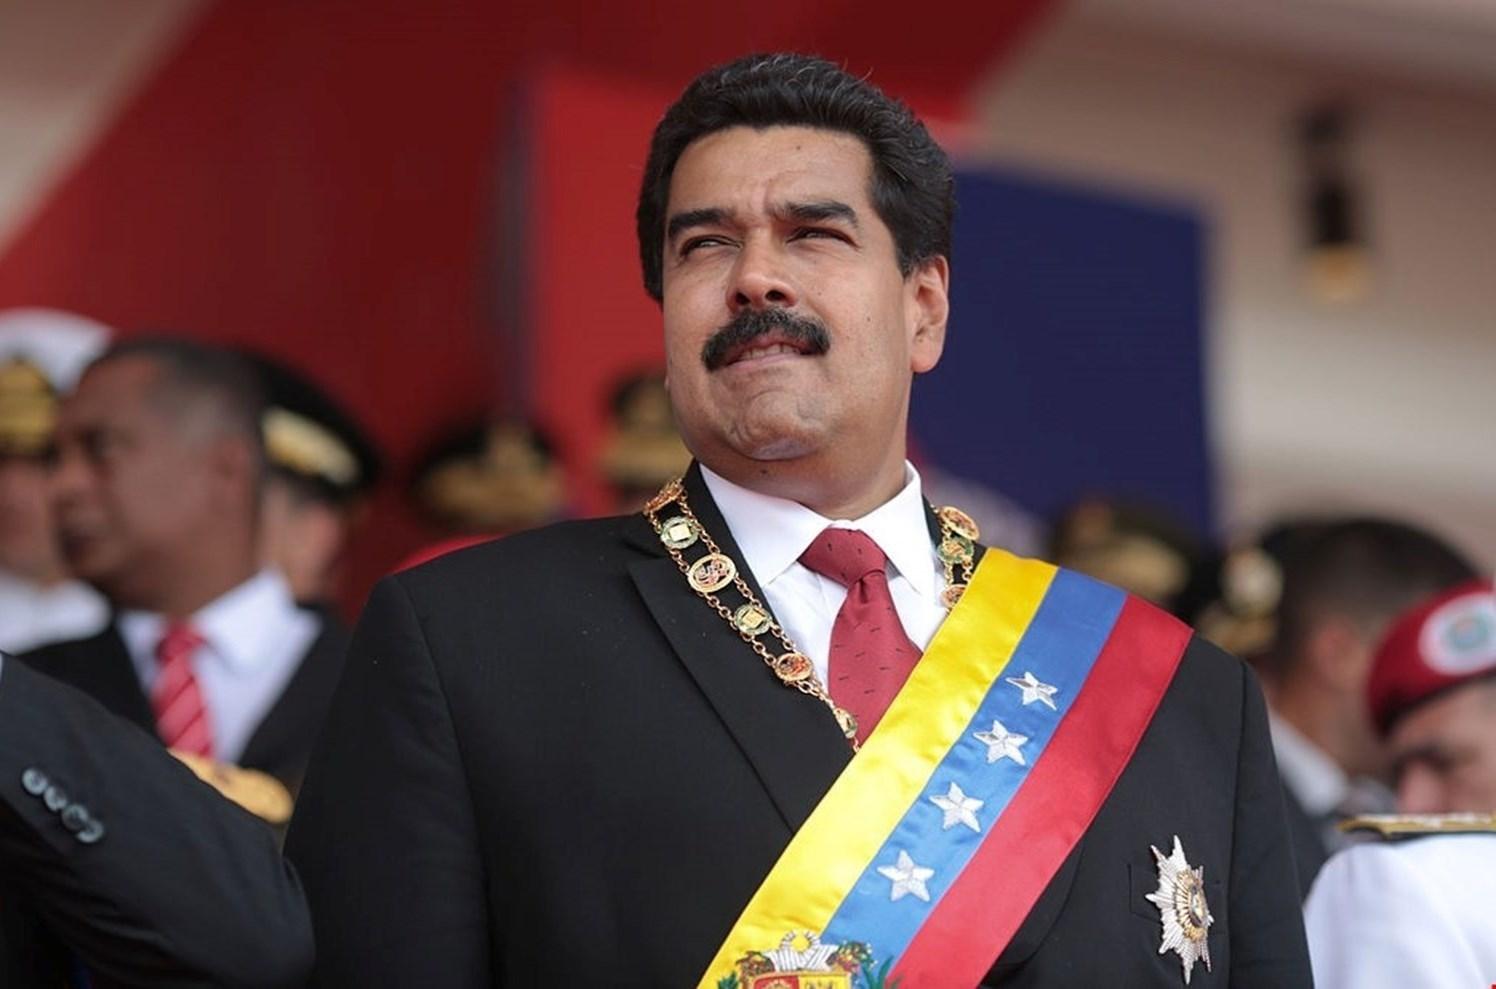 مادورو: كولومبيا تخطط لشن هجمات ضد بلادنا نهاية العام